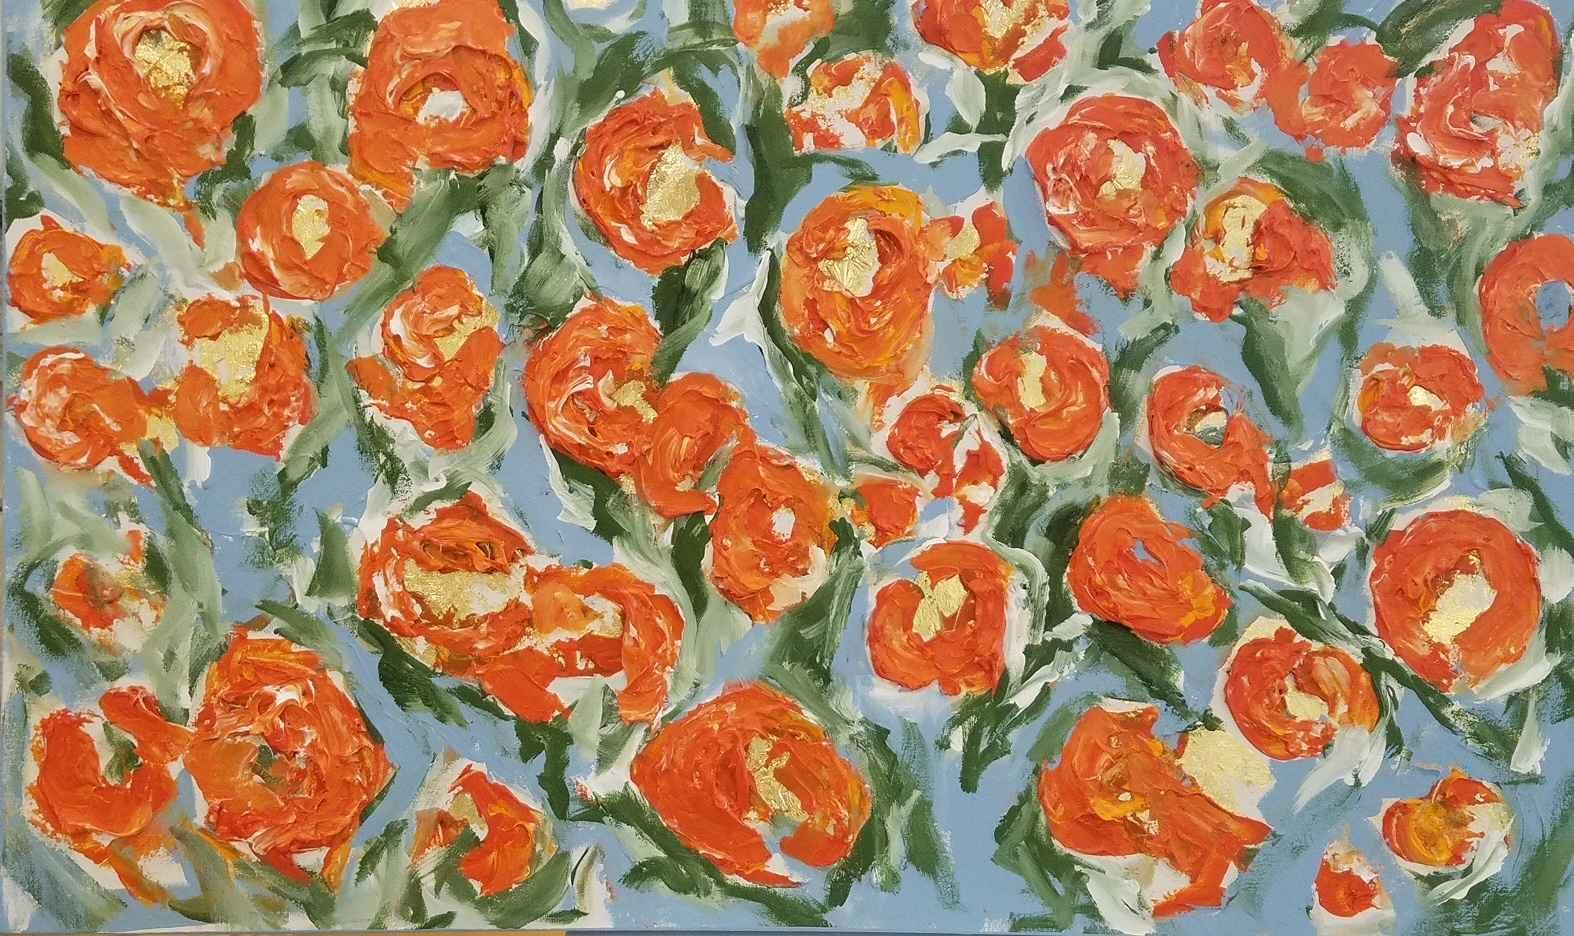 Ranunculus by  Steve Lyons - Masterpiece Online